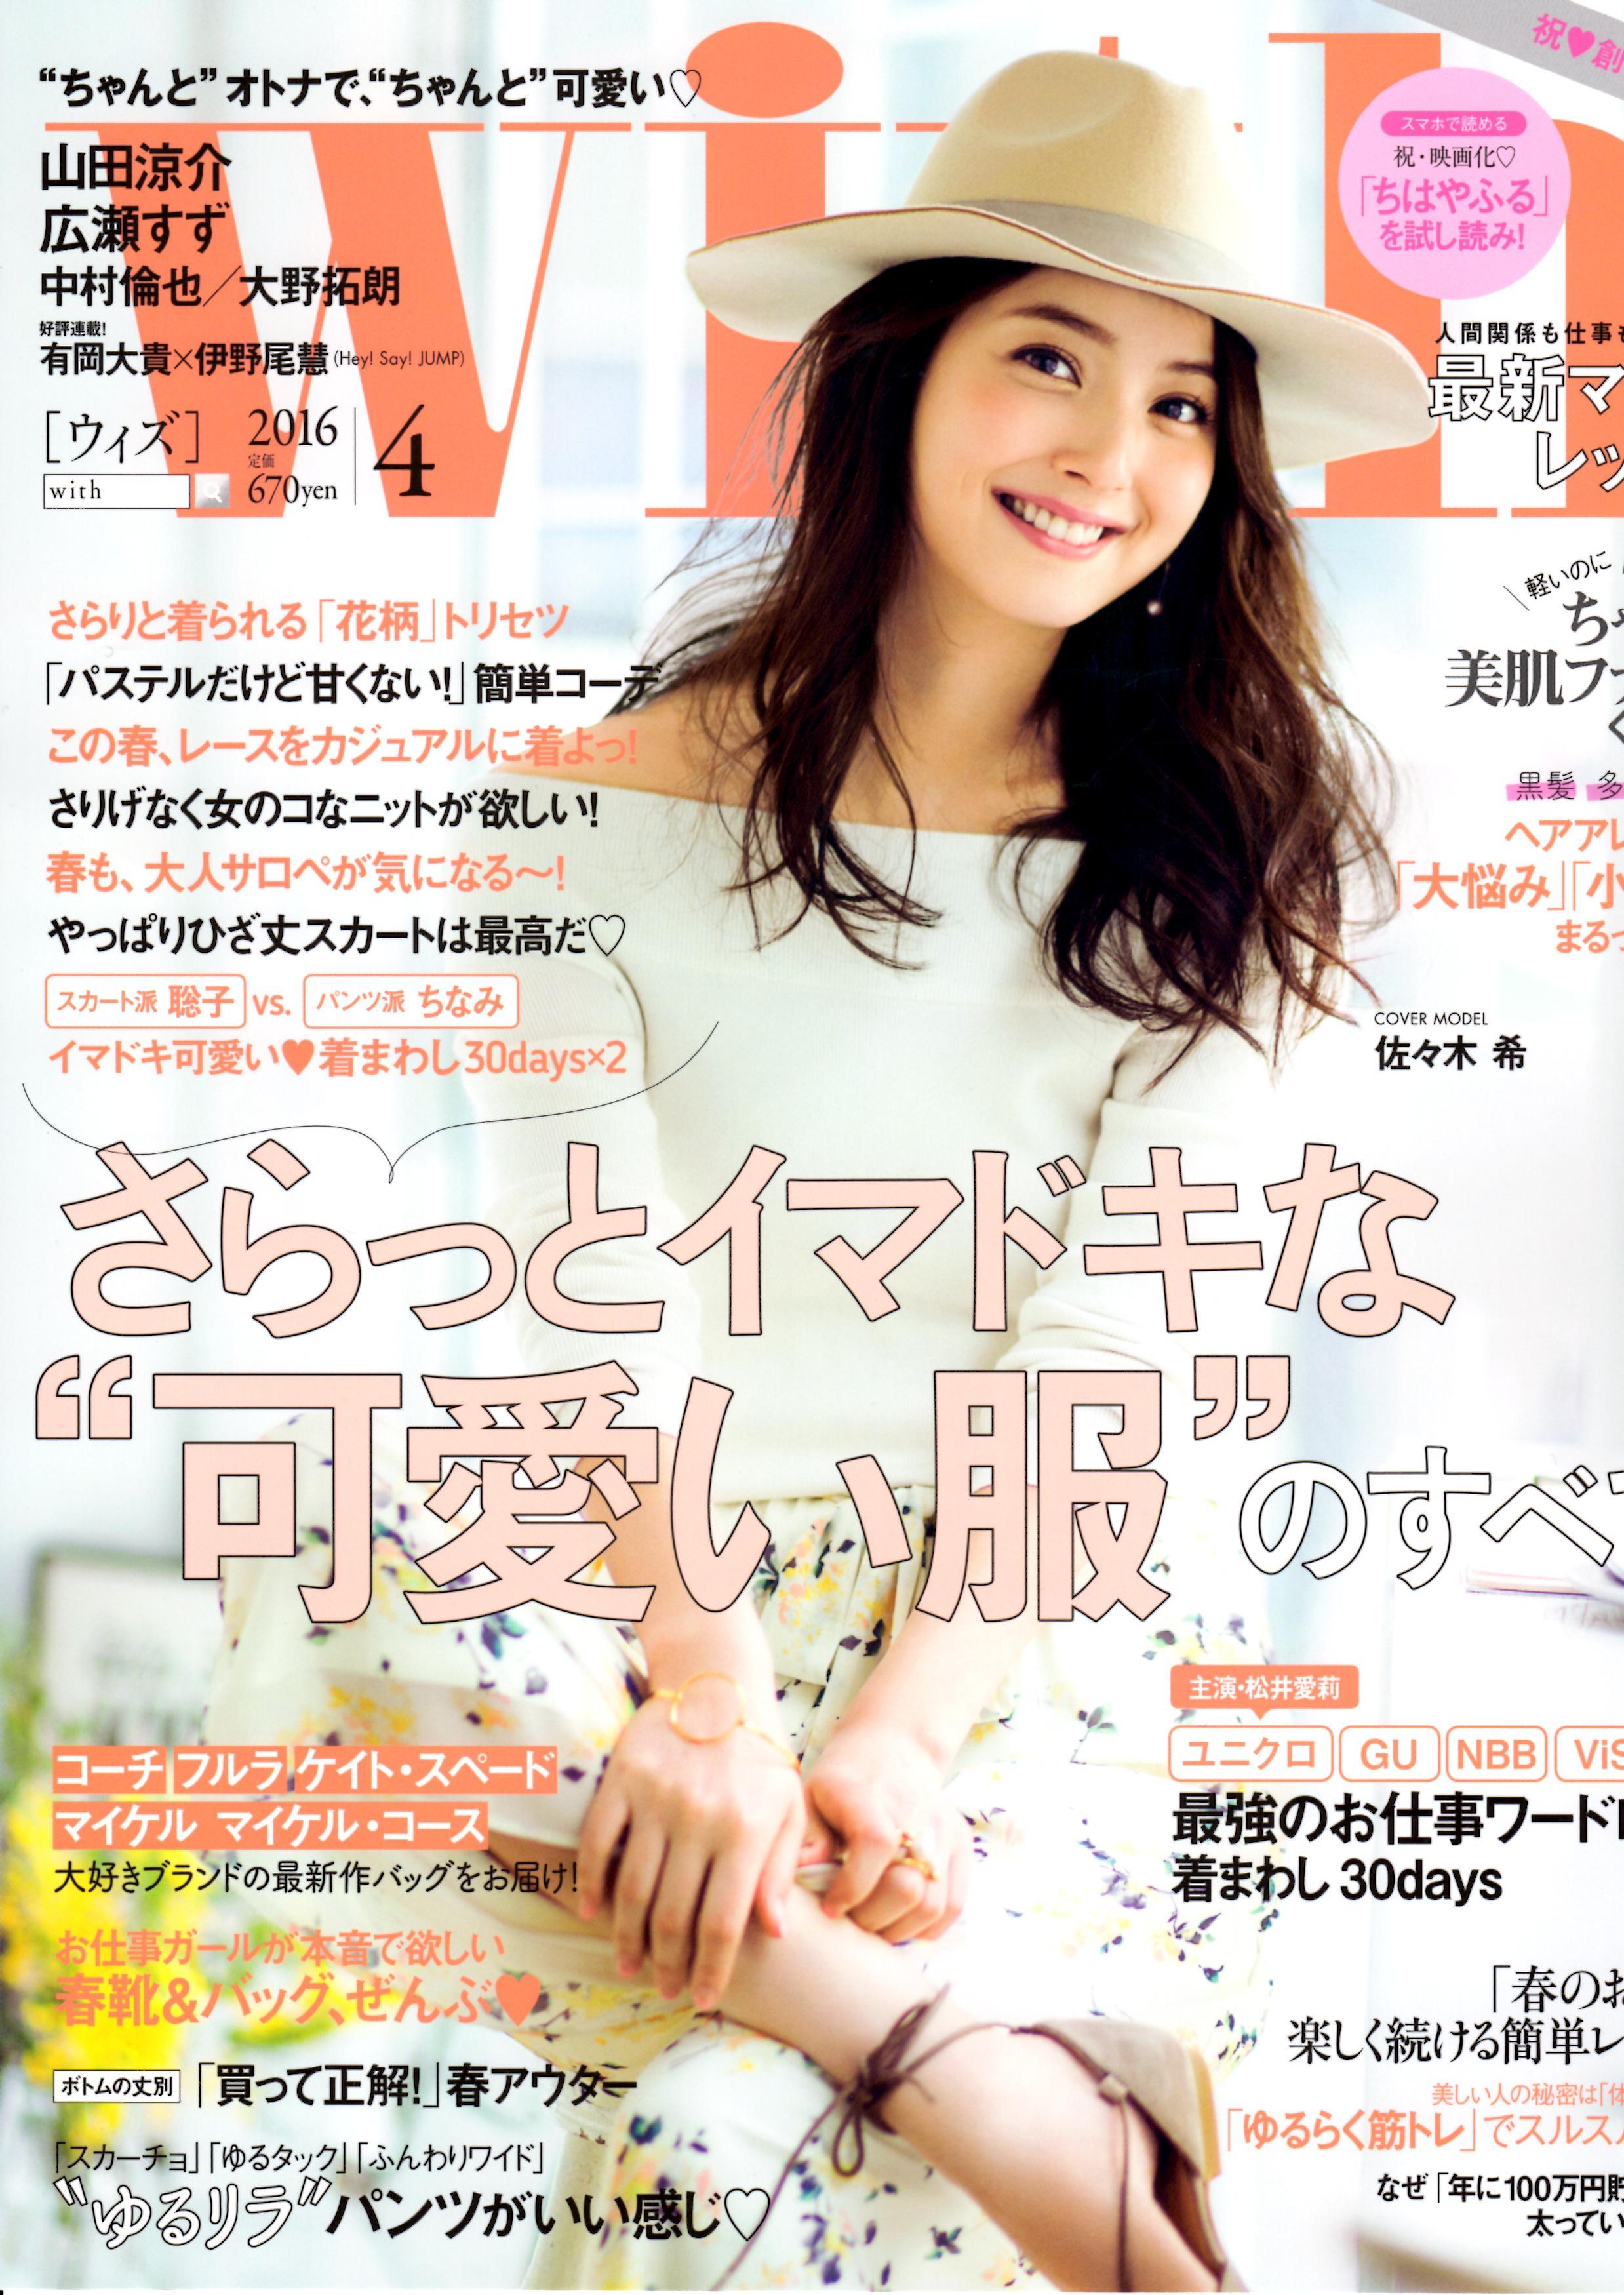 津田コスメ雑誌掲載with4月号